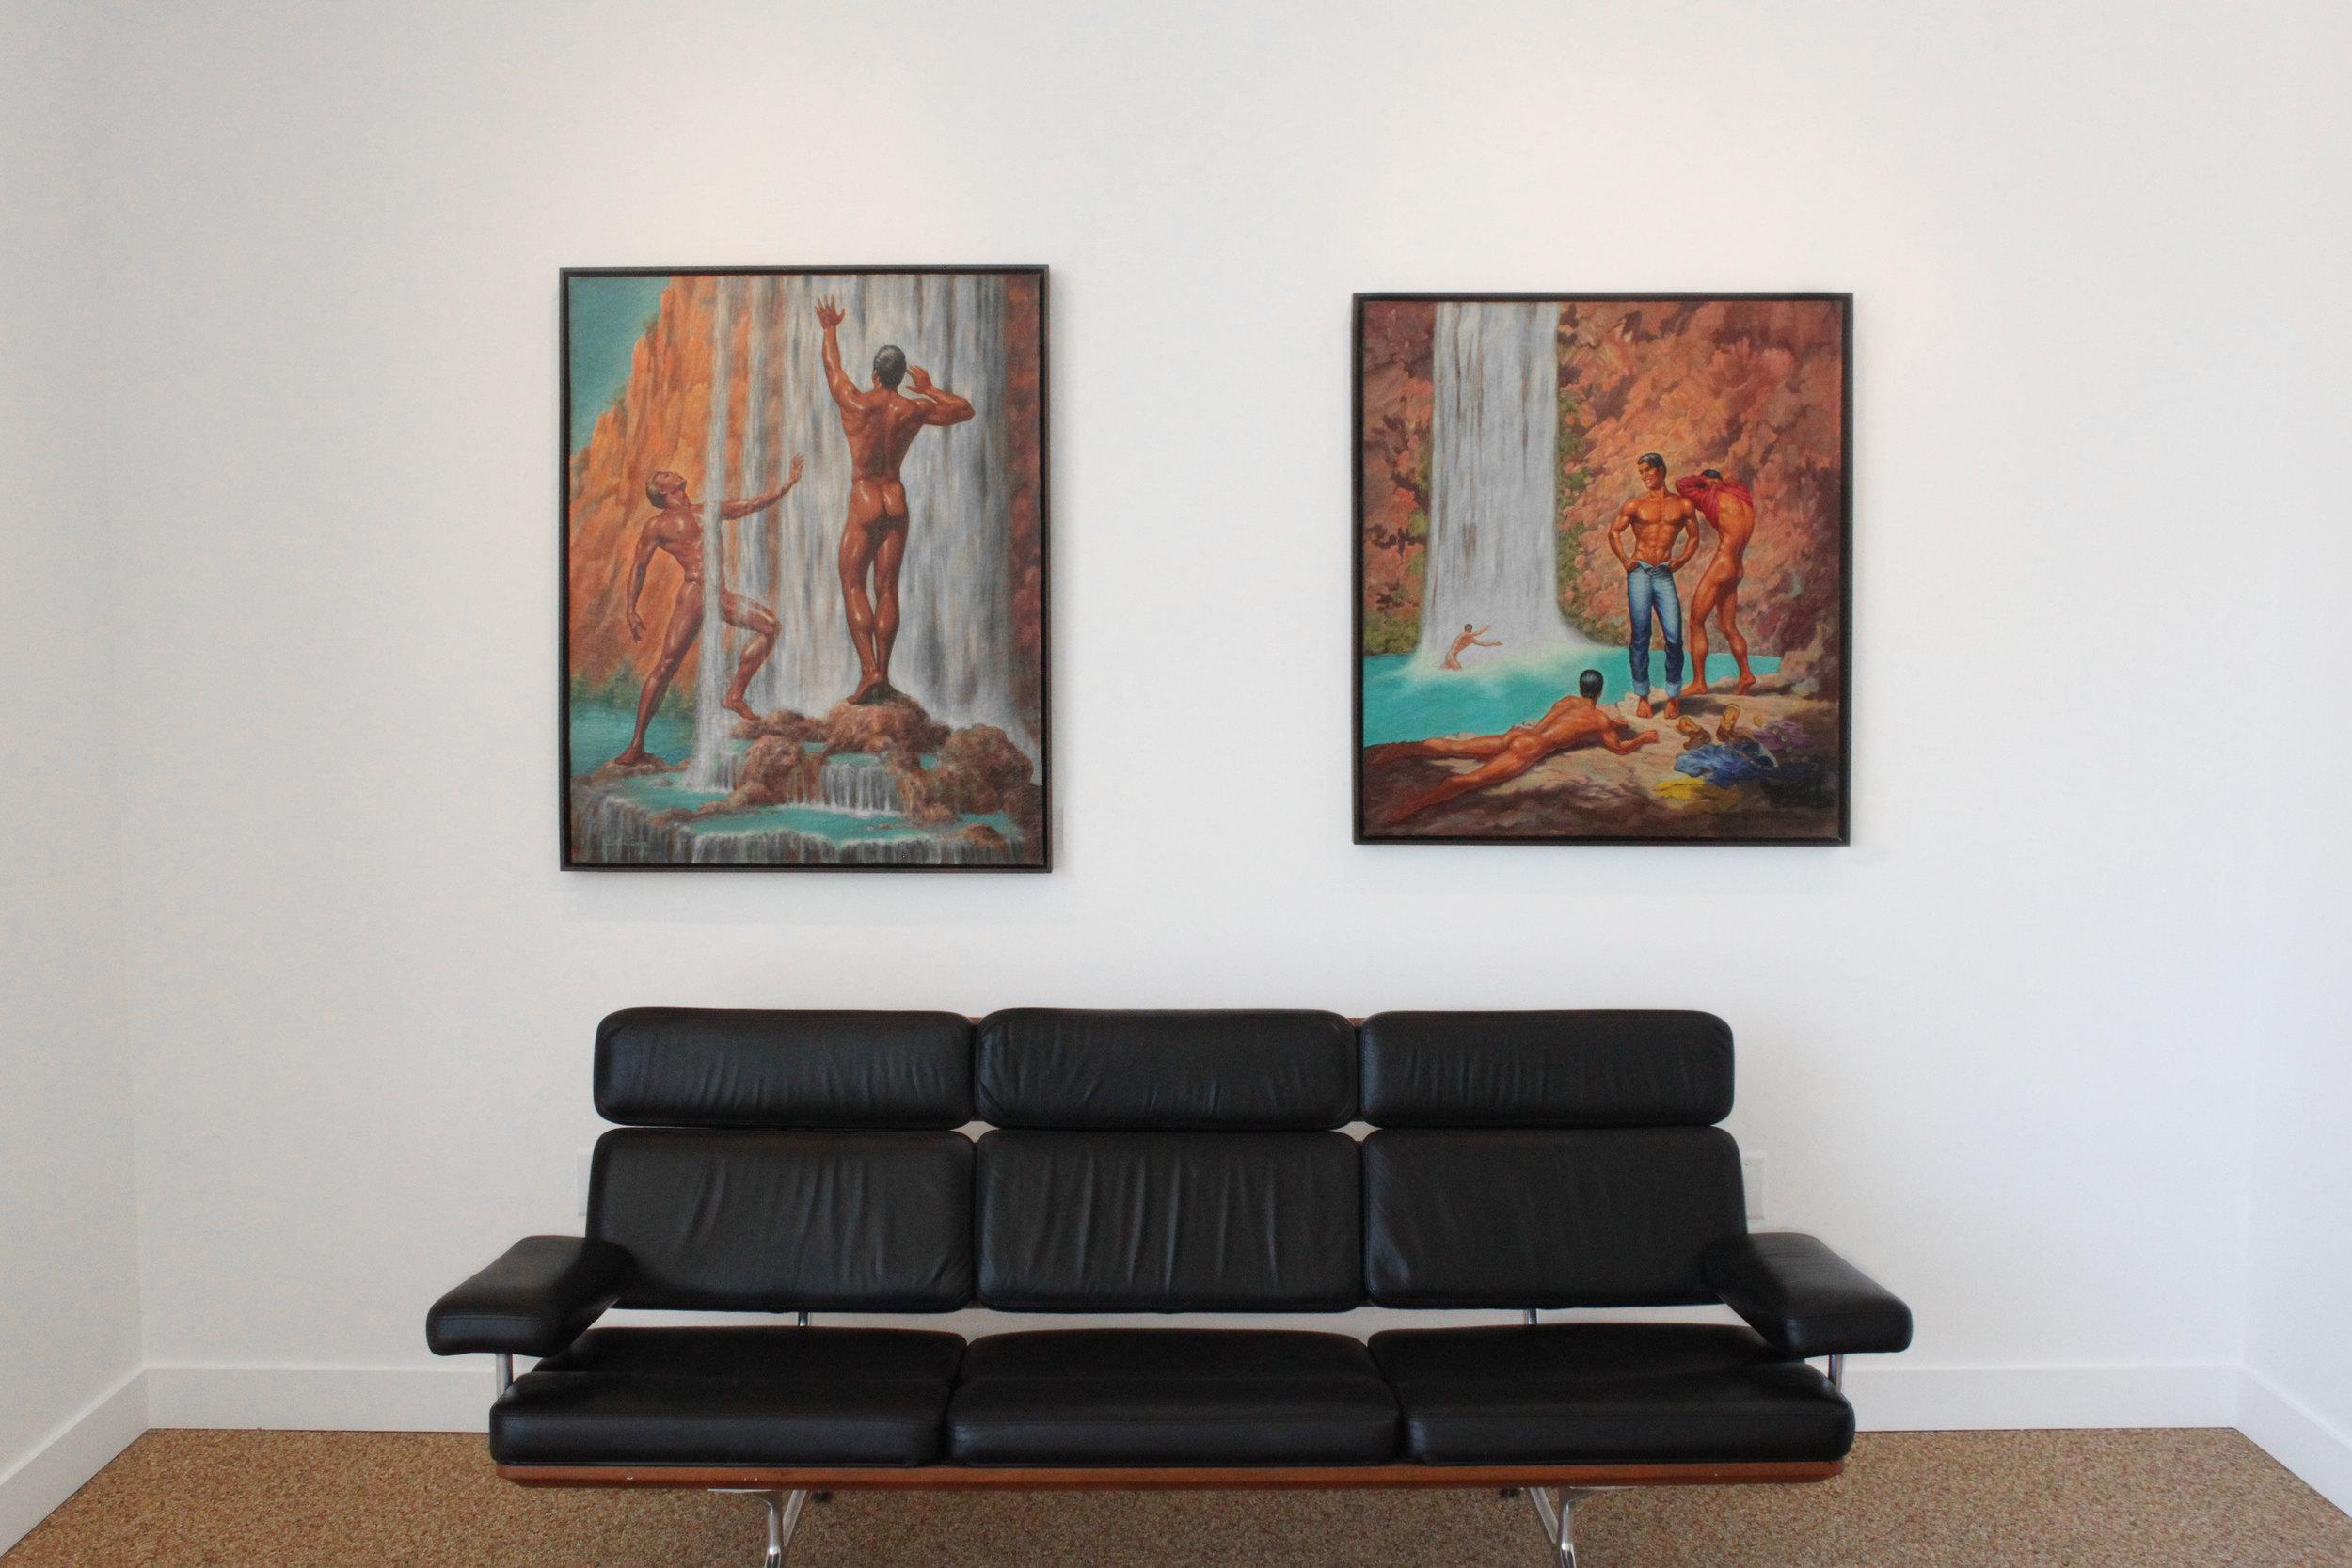 George Quaintance : Taschen Gallery